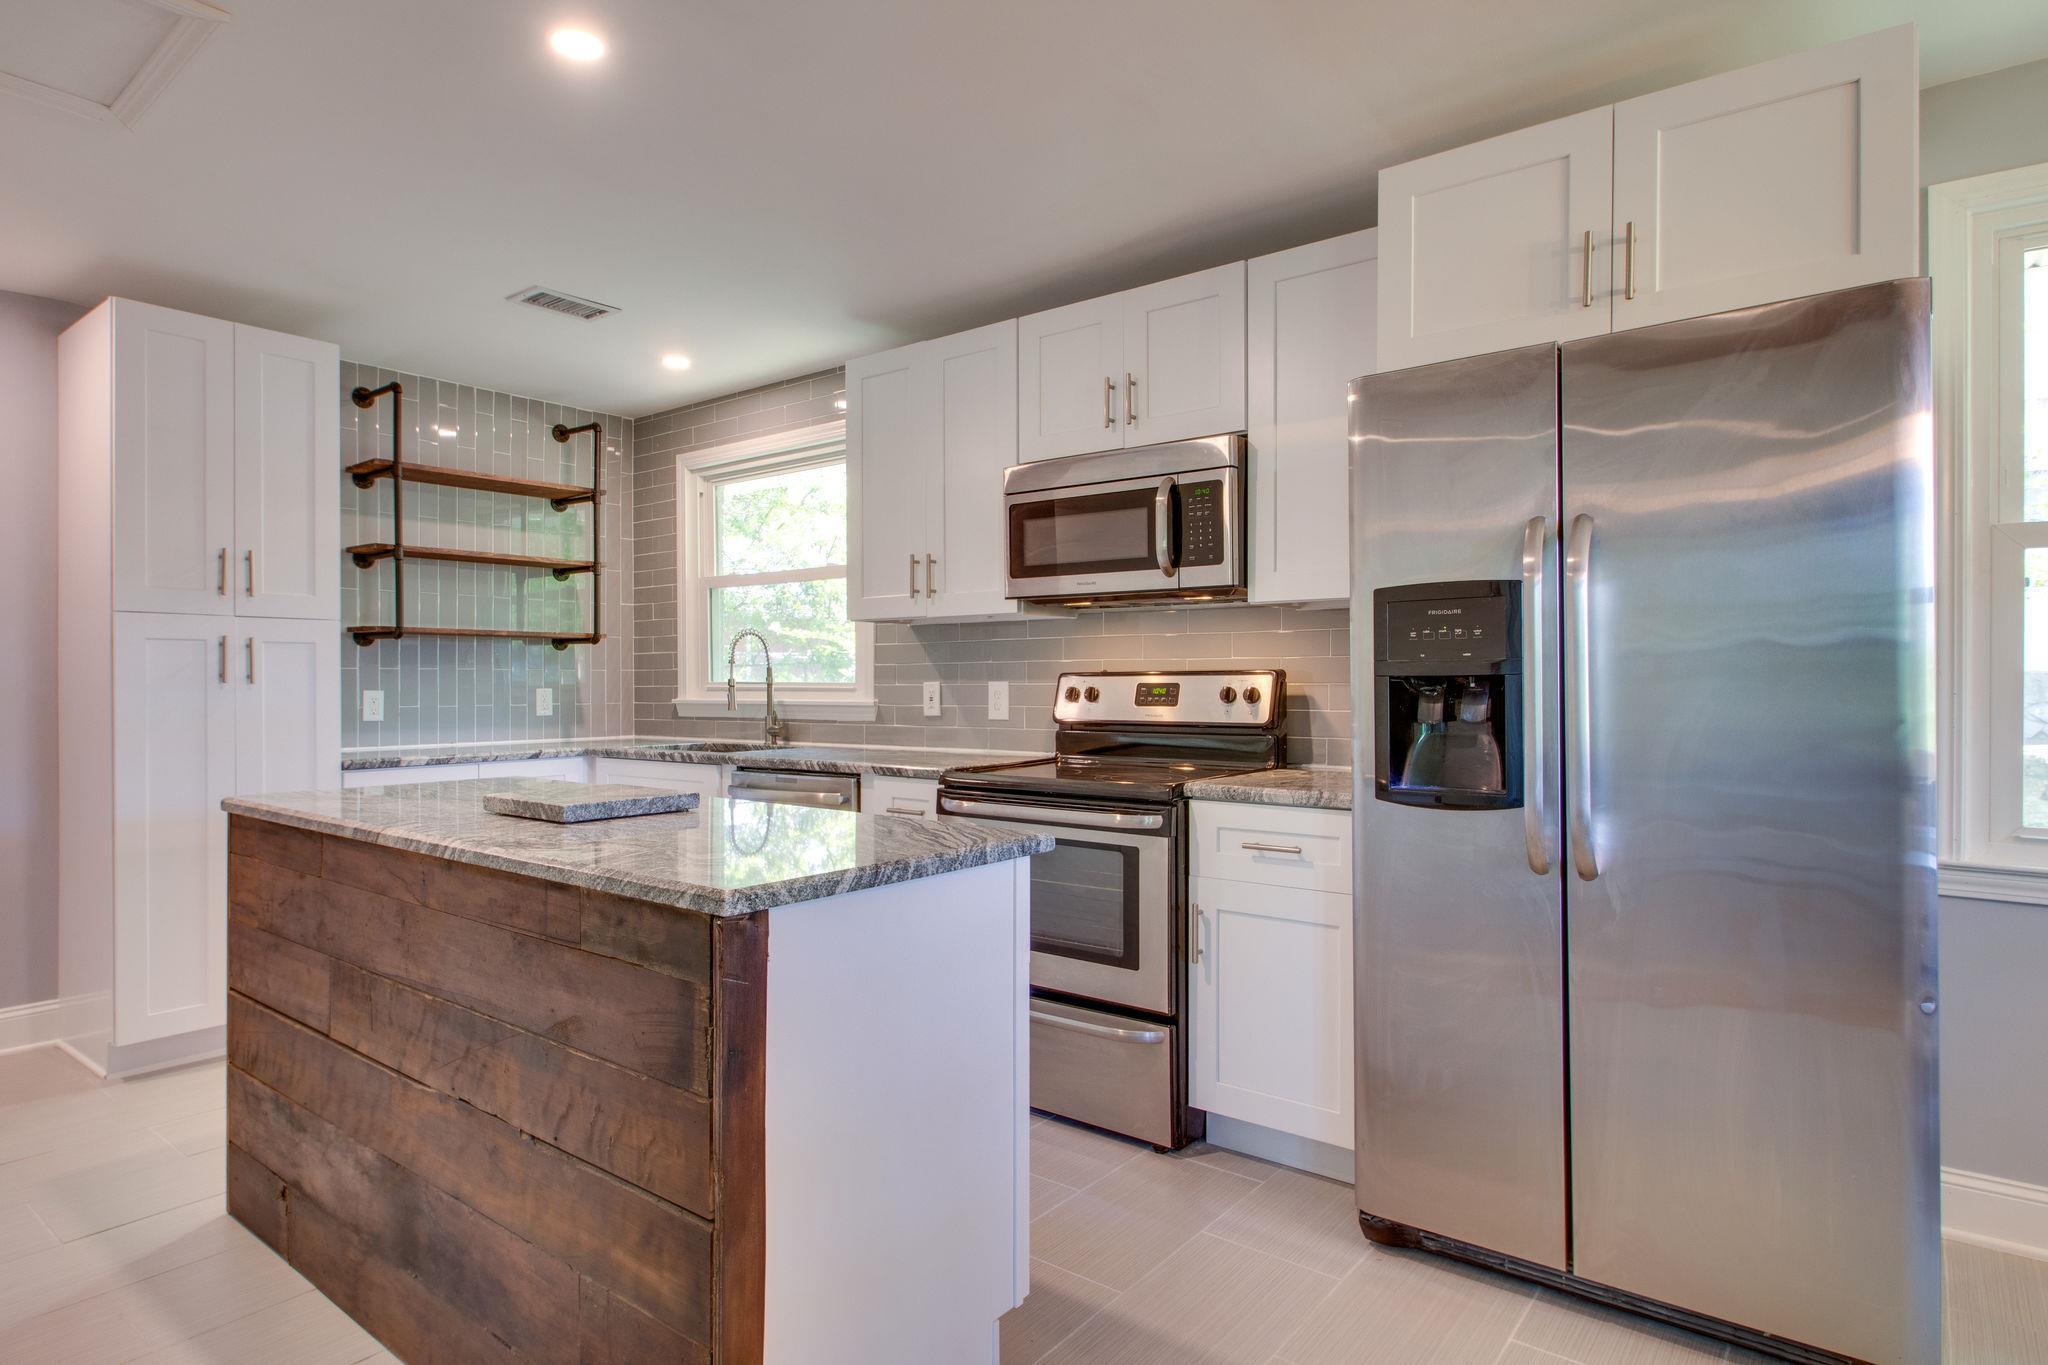 2932 Southlake Dr, Nashville, TN 37211 - Nashville, TN real estate listing